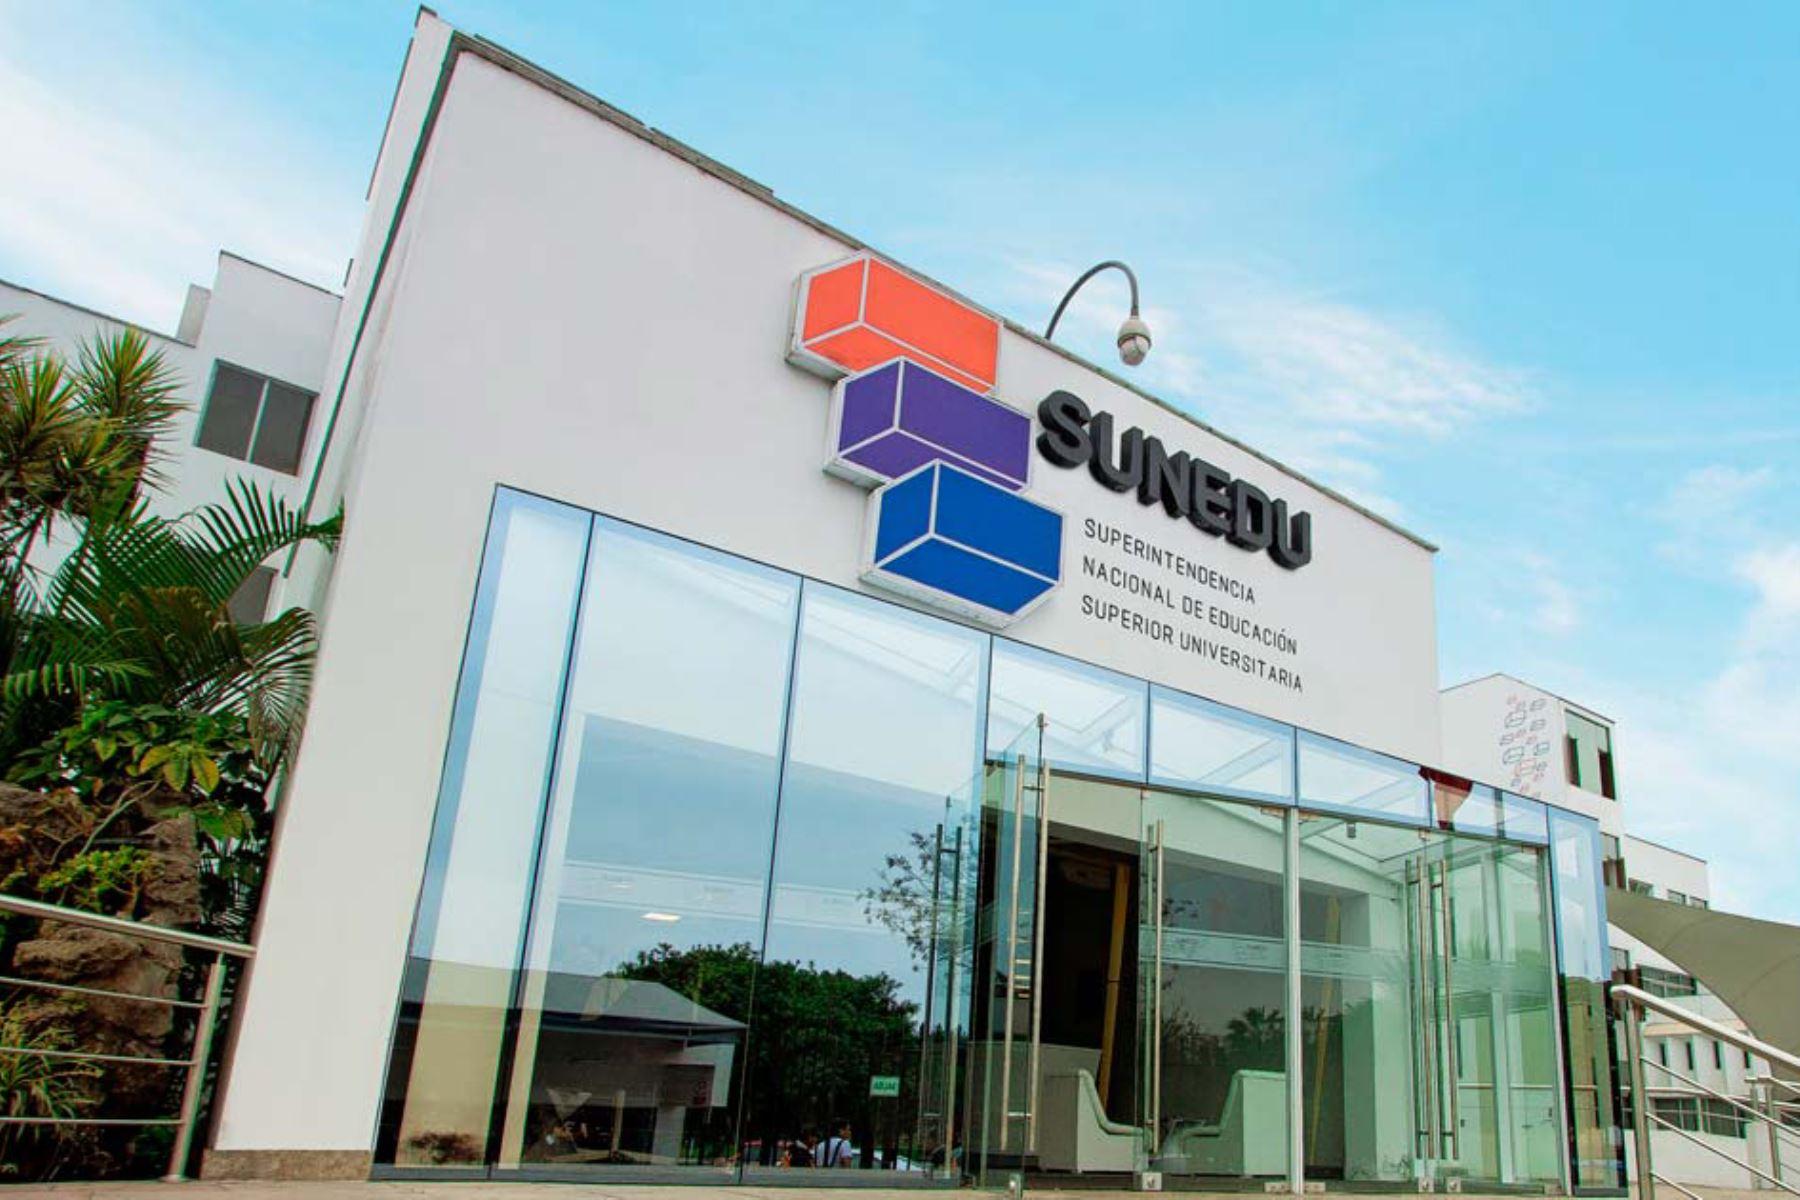 Nuevas universidades deberán cumplir 6 condiciones básicas de calidad para obtener licencia de Sunedu. Foto: INTERNET/Medios